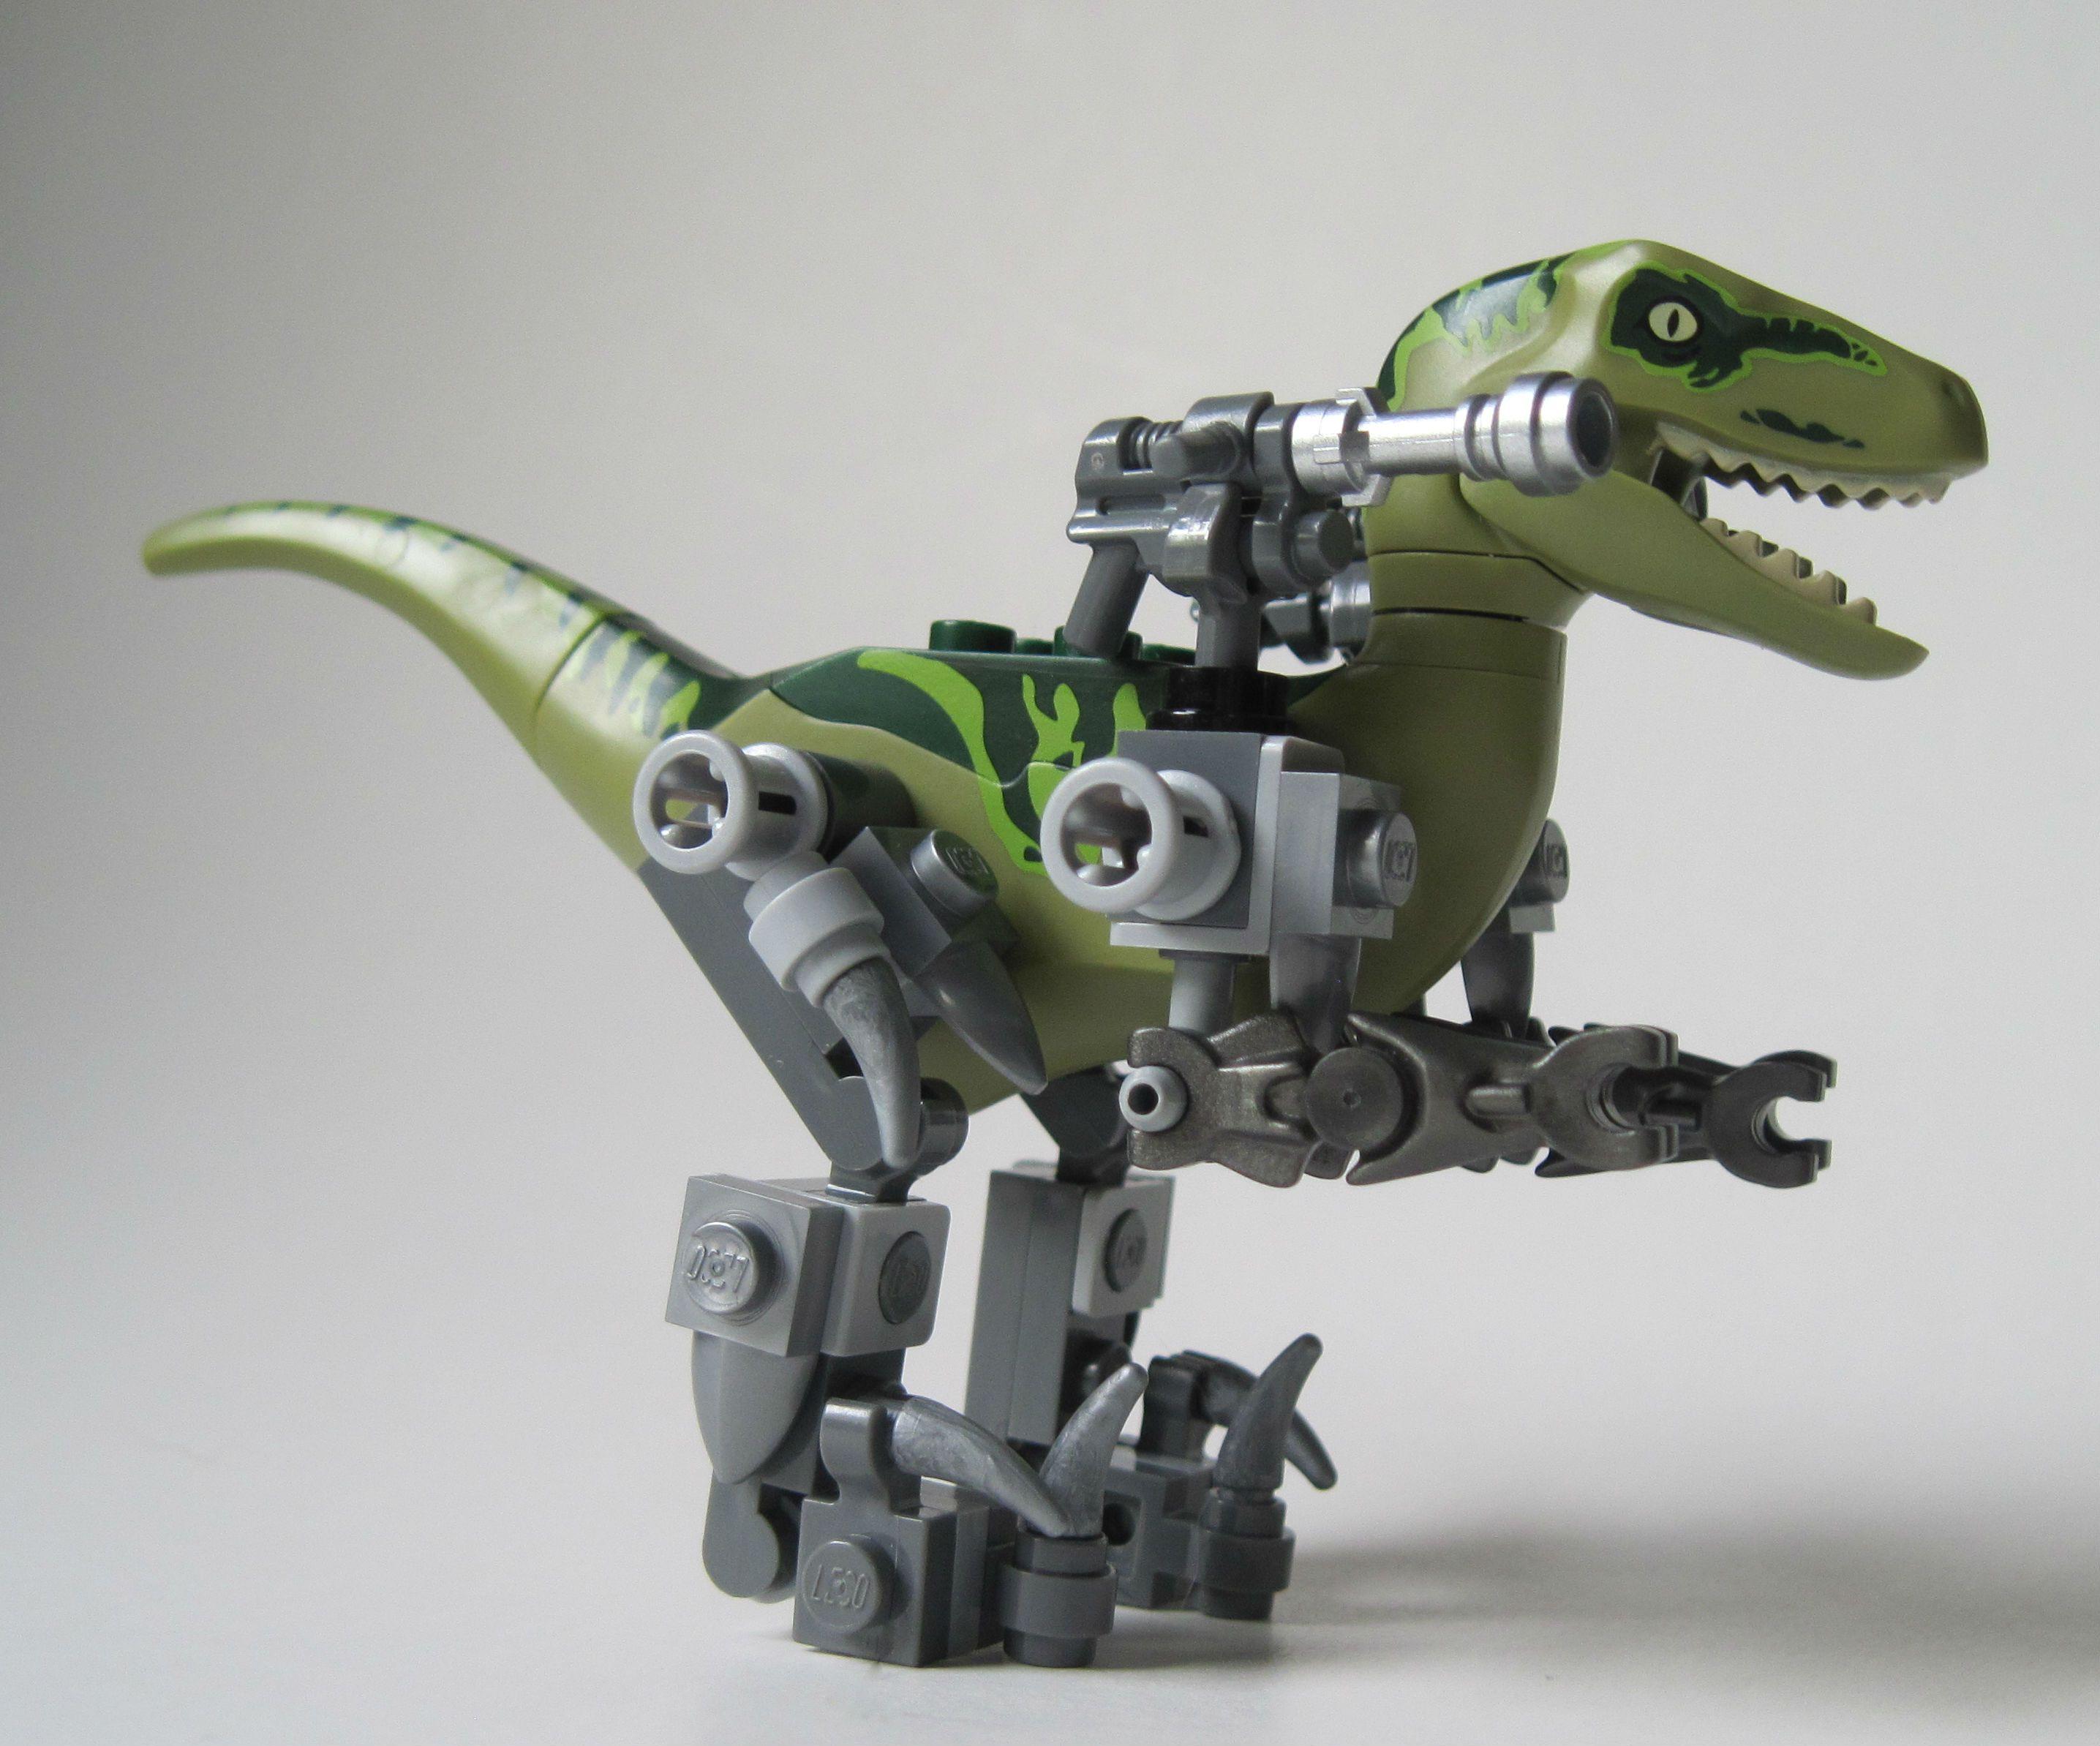 Mecha Raptor Dibujos Pixar Legos Juegos De Arte